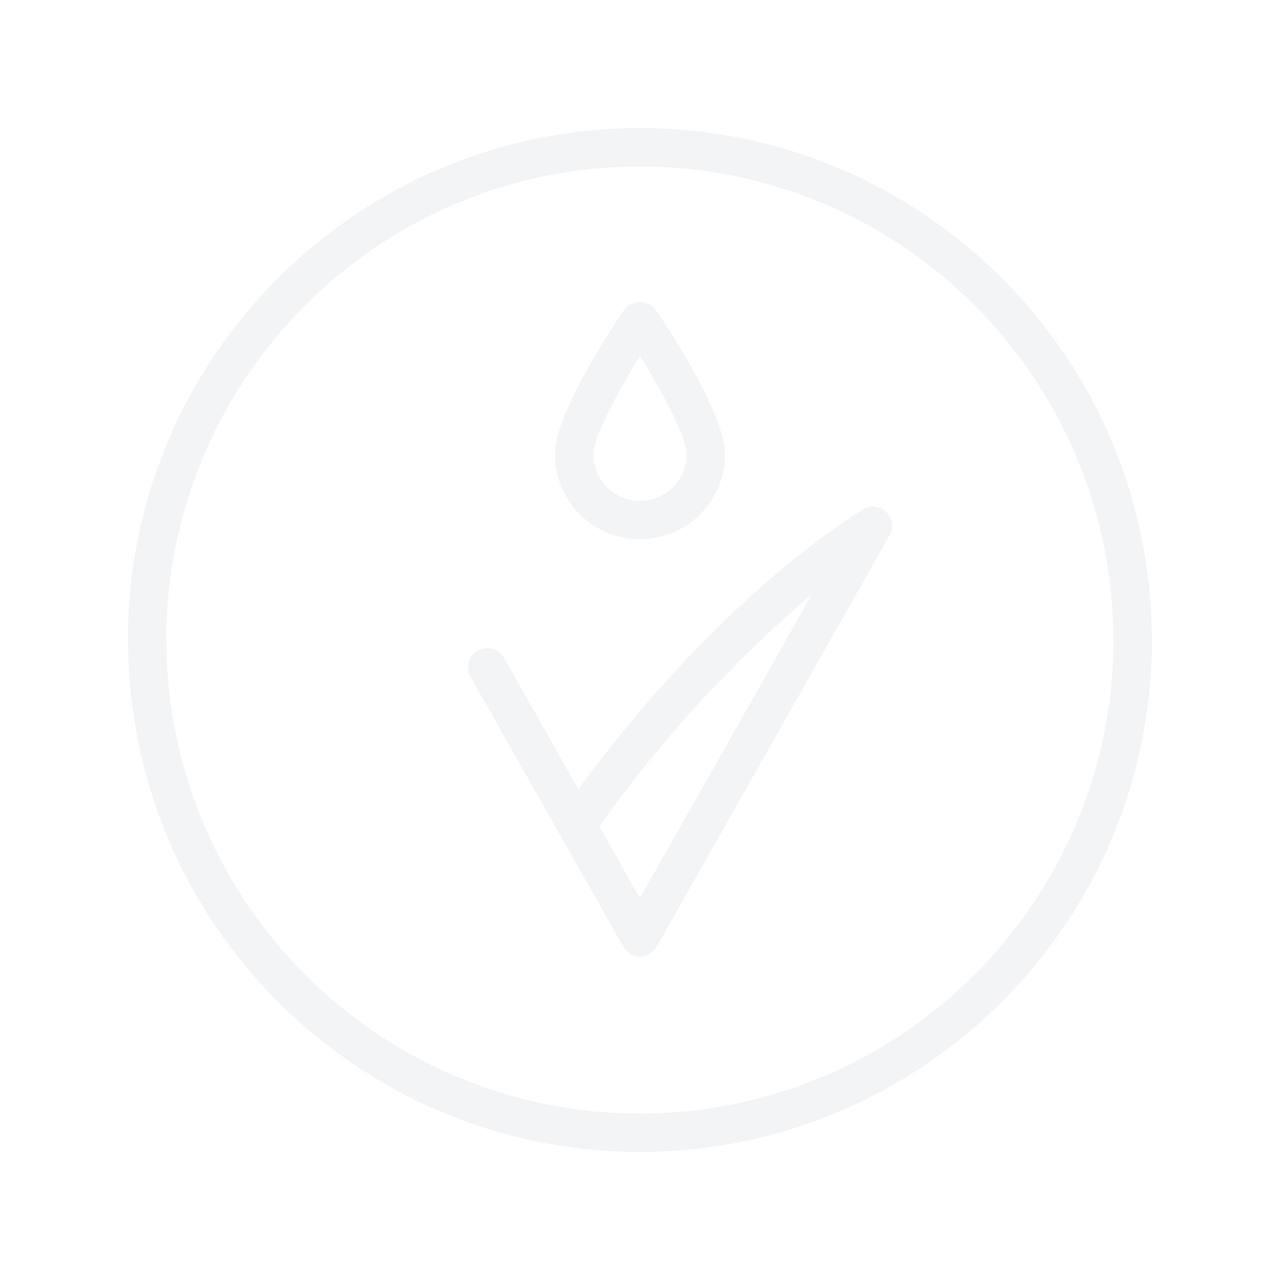 WELLA PROFESSIONALS Invigo Color Brilliance Shampoo (Coarse Hair) 1000ml